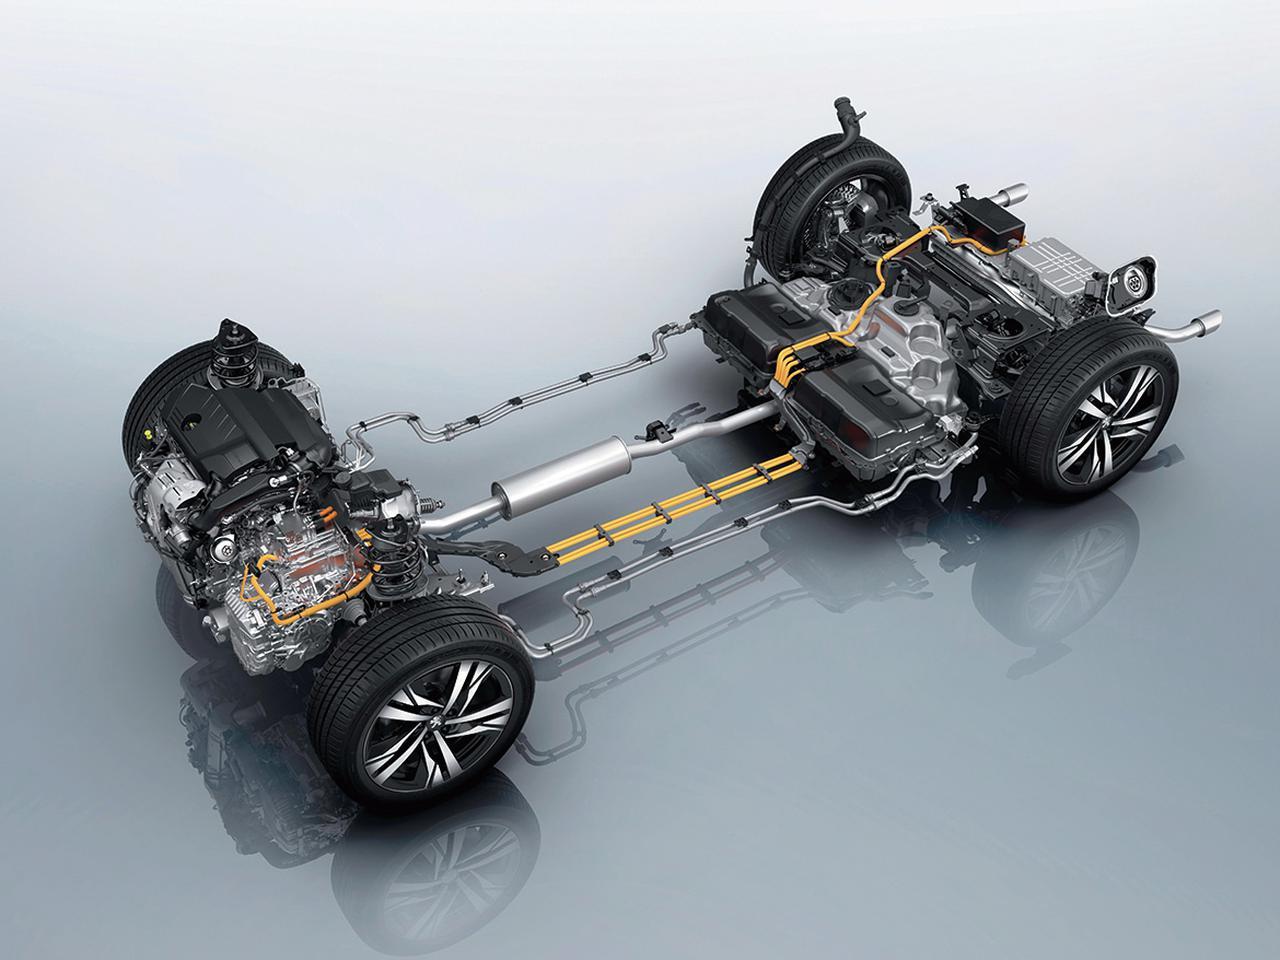 画像: 180psの1.6Lガソリンターボエンジンに110psの電動モーターを搭載し、システムトータル出力225ps/360Nmを発生。